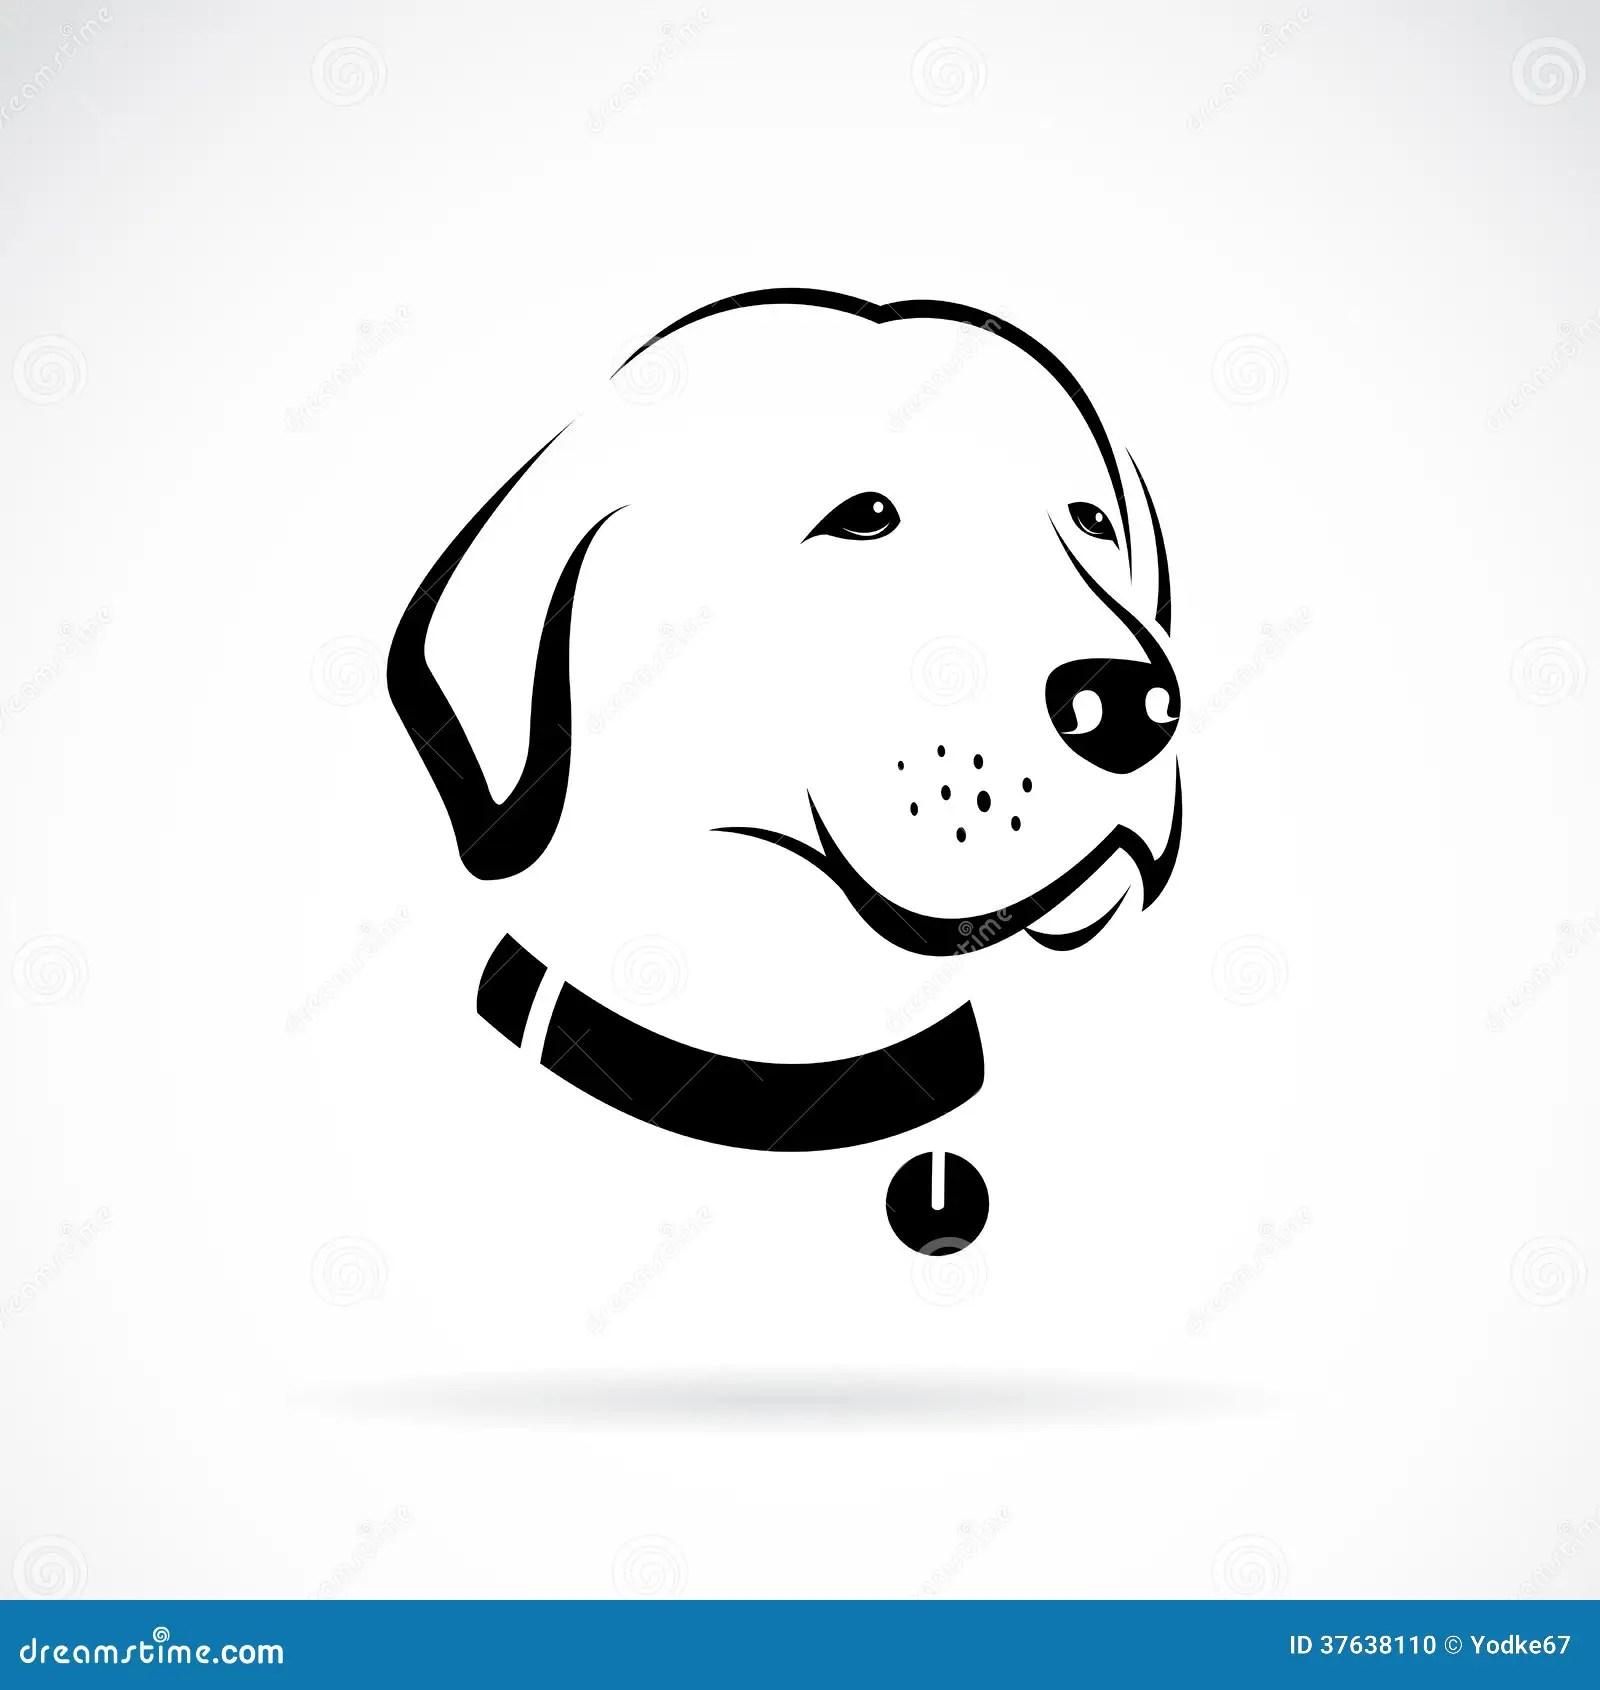 Vector Image Of An Labrador Dog S Head Stock Photo